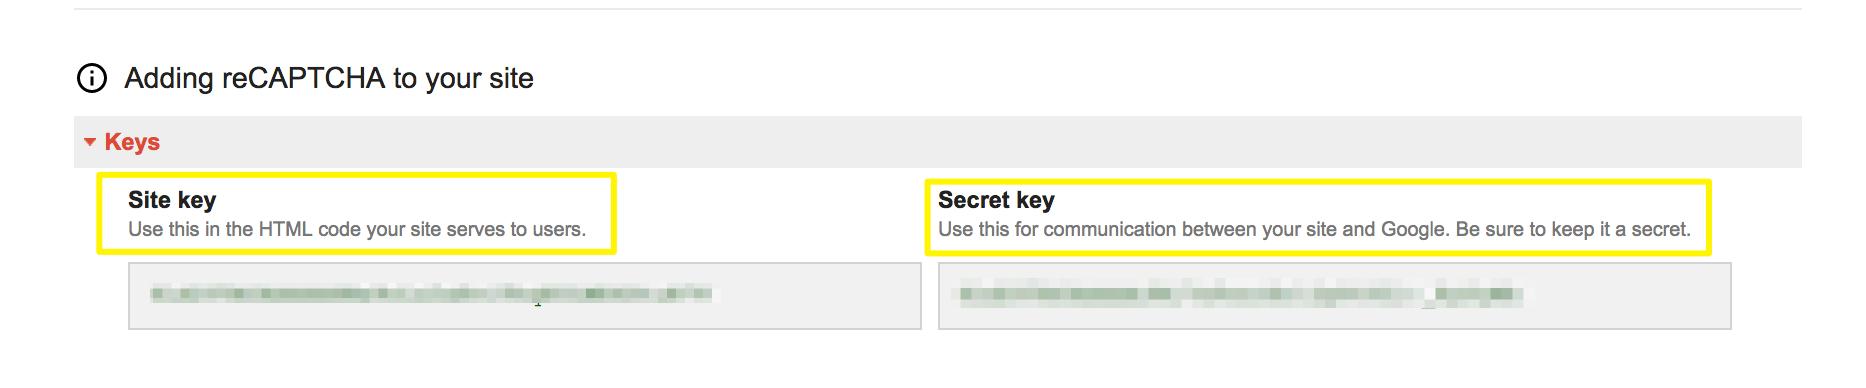 how to get google recaptcha api key